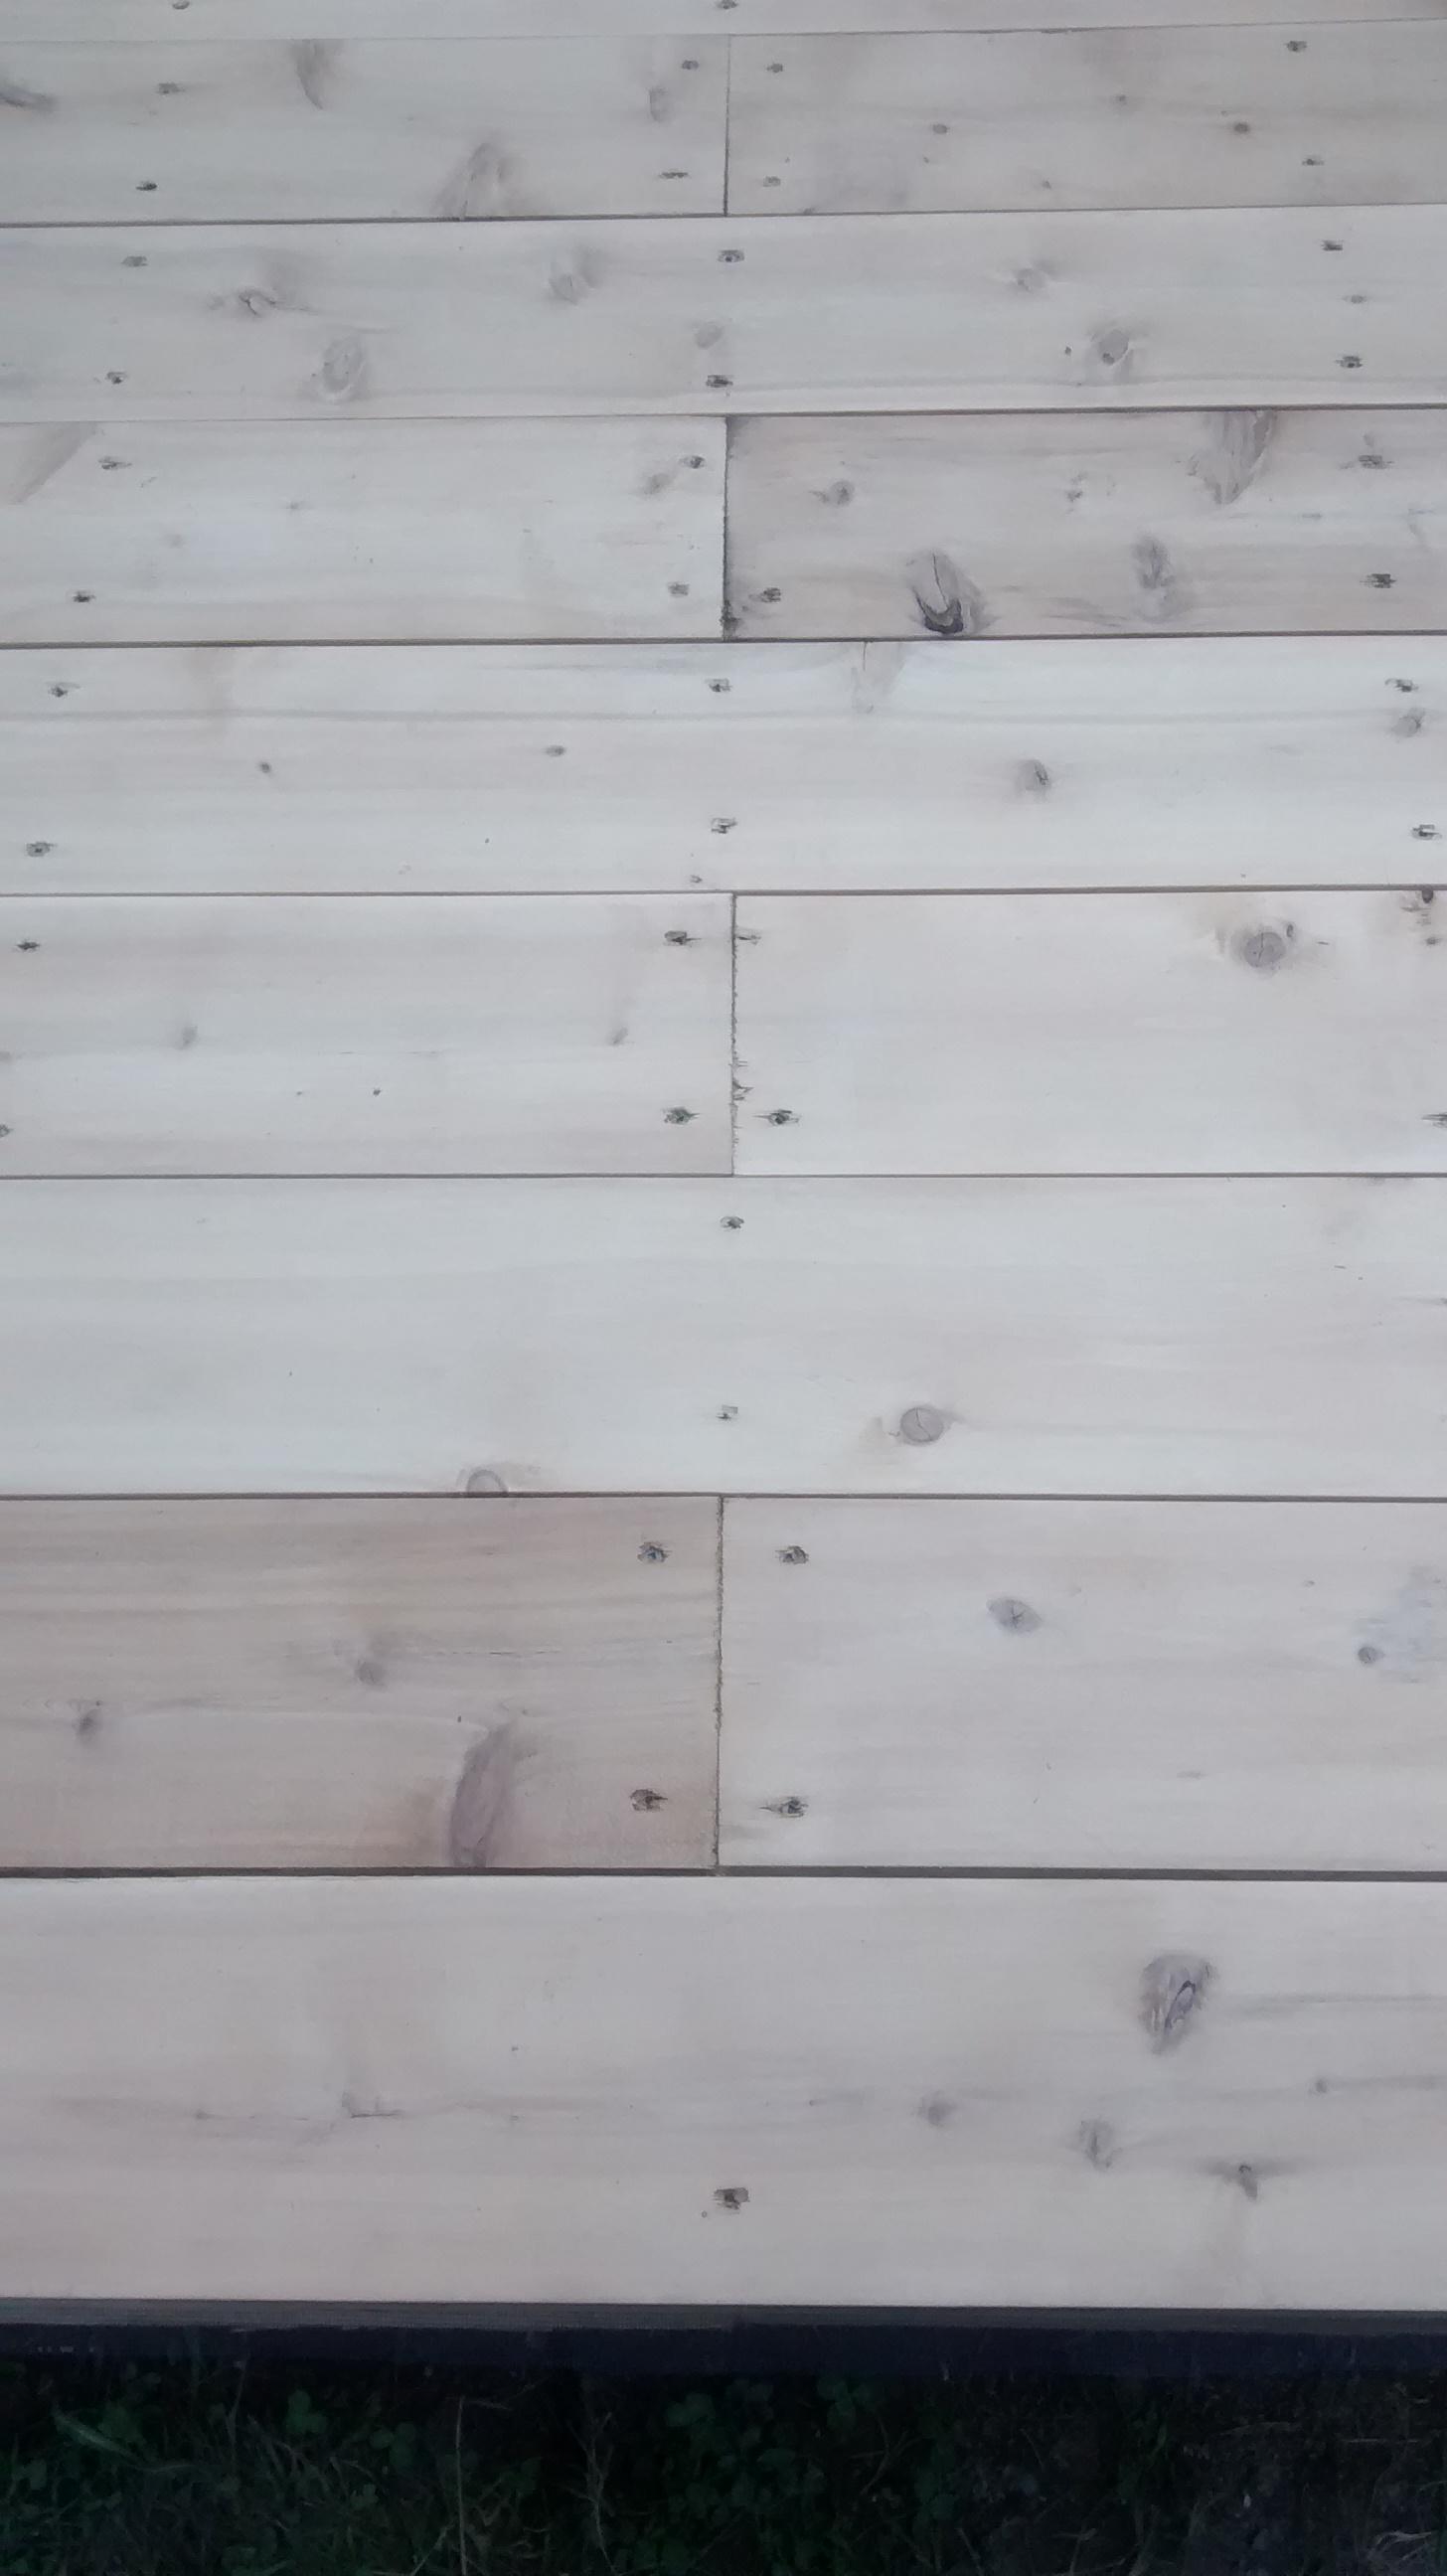 Les d savantages du bois trait construction f lix archambault les d savant - Teinture textile blanche ...